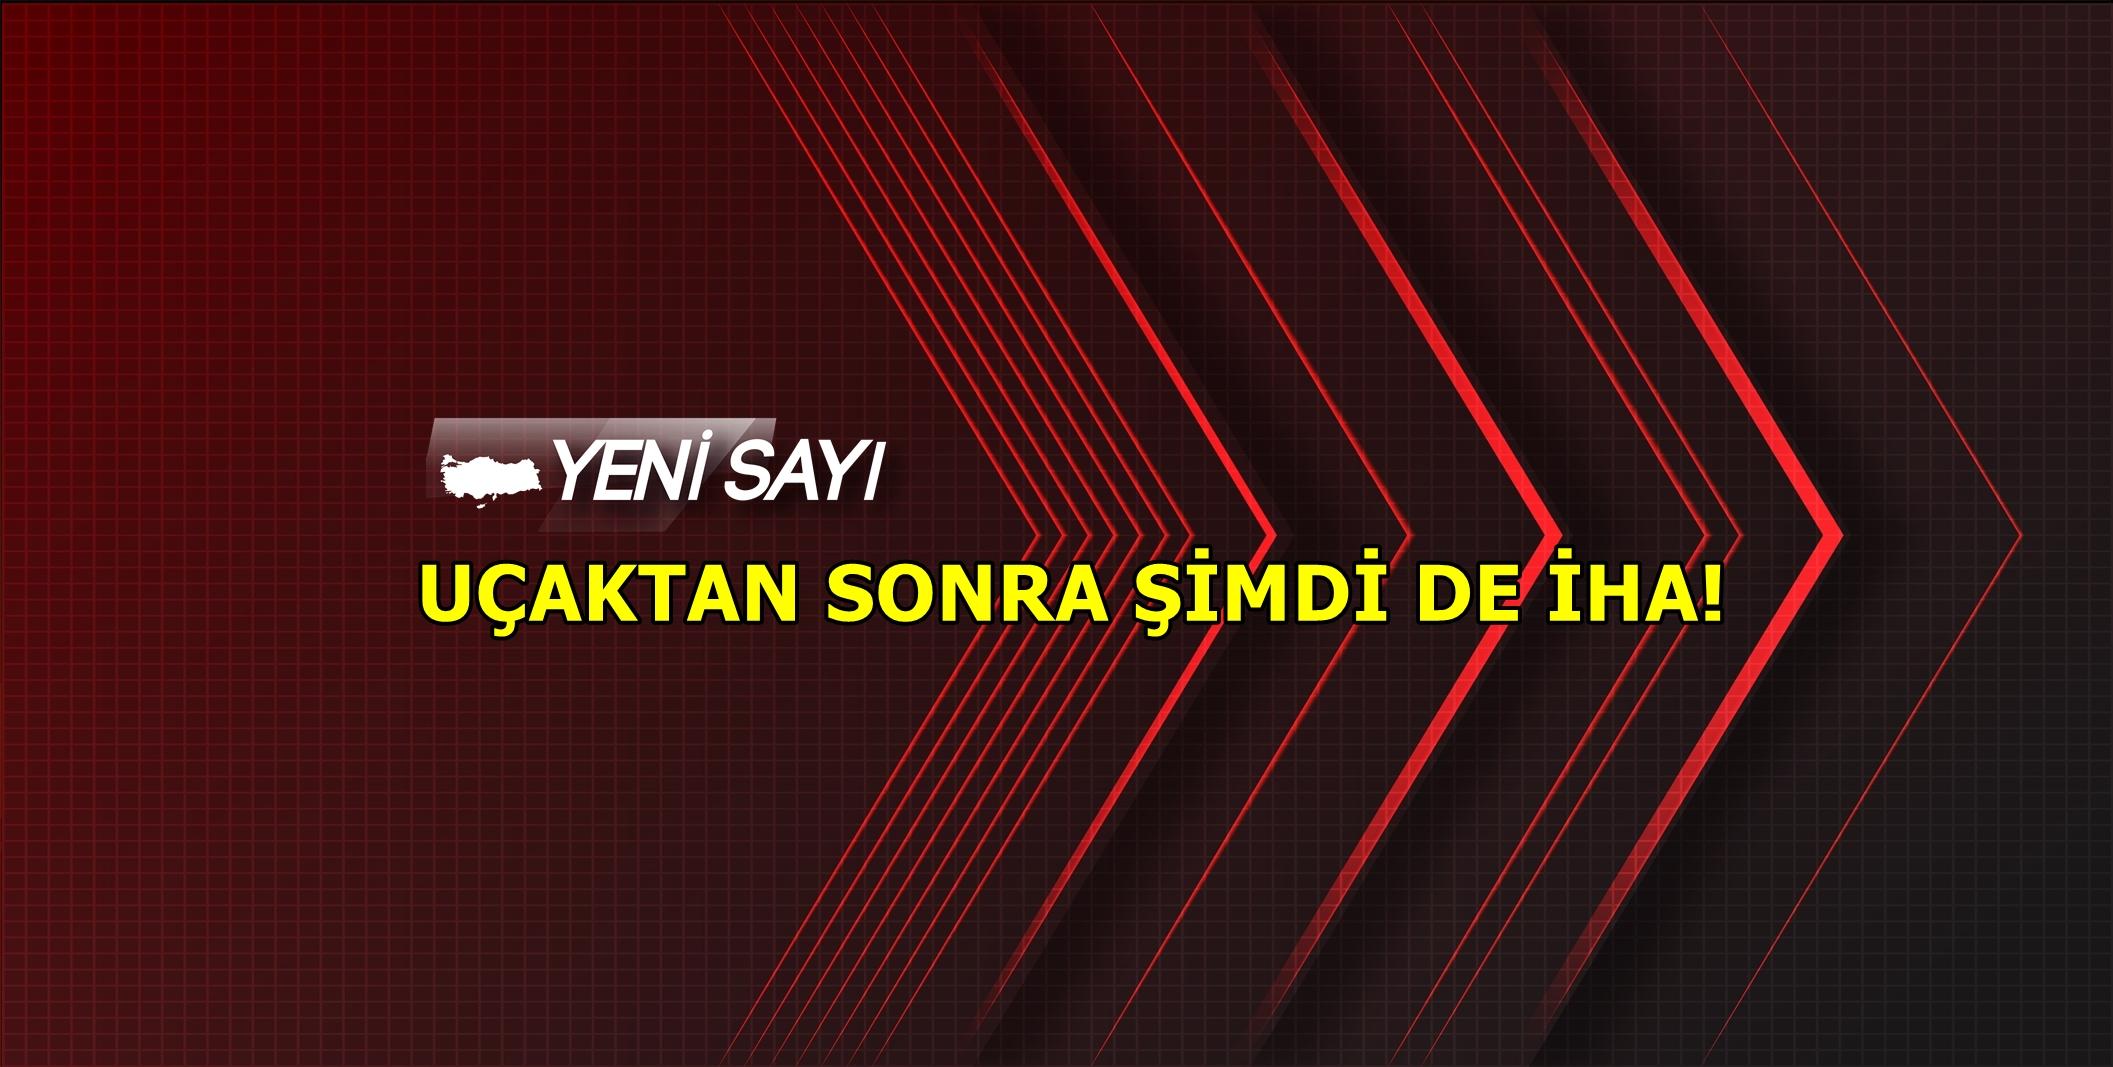 AZERBAYCAN HIZ KESMİYOR